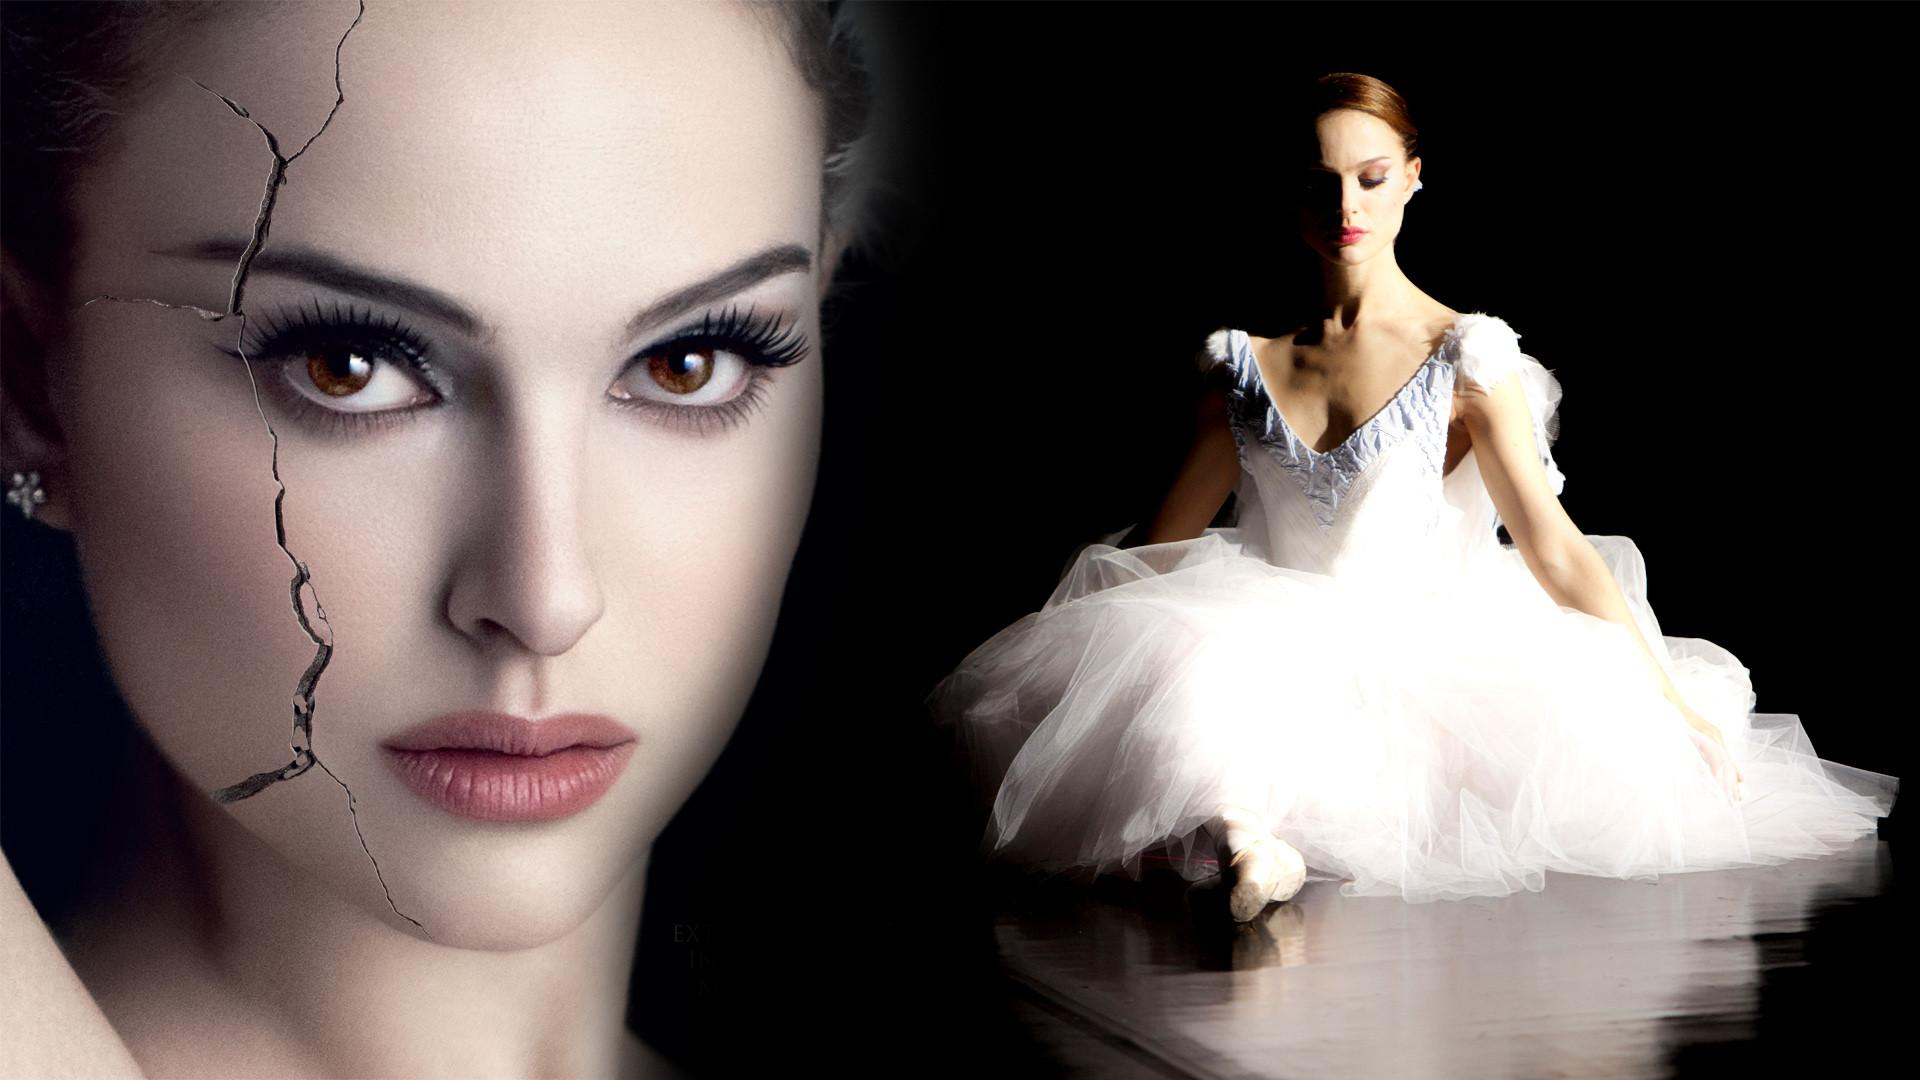 BLACK SWAN Natalie Portman Dark N Wallpaper